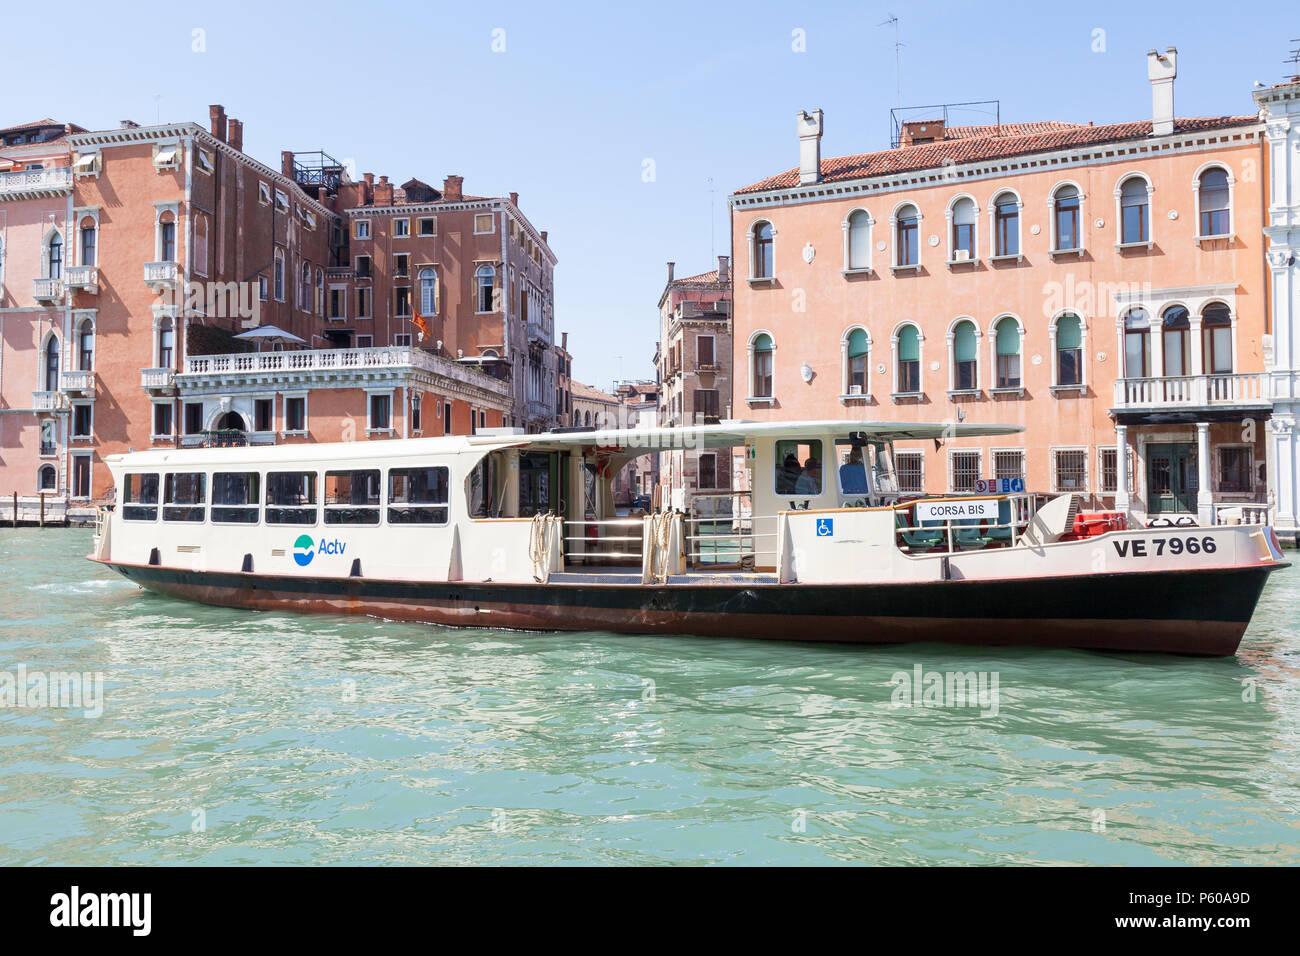 Corsa Bis vaporetto utilizada como servicio complementario en las horas pico y en festivales, Grand Canal, Venice, Veneto, Italia. Transporte público Bus acuático Imagen De Stock